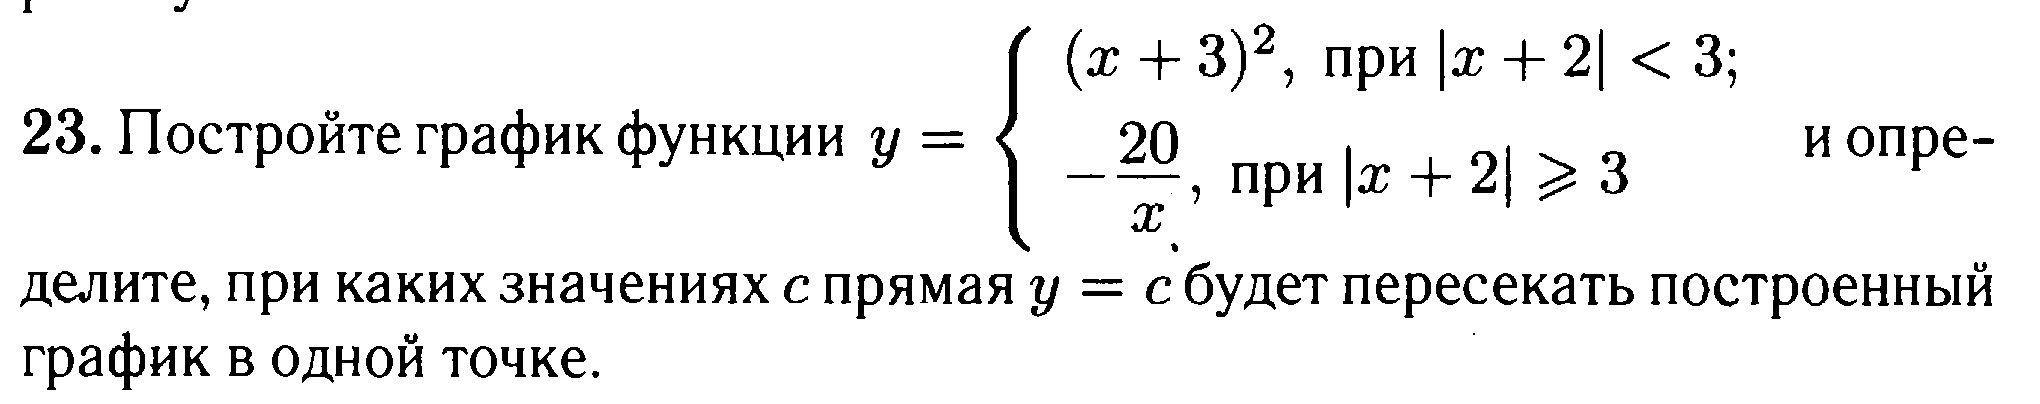 таблица перевода по физике